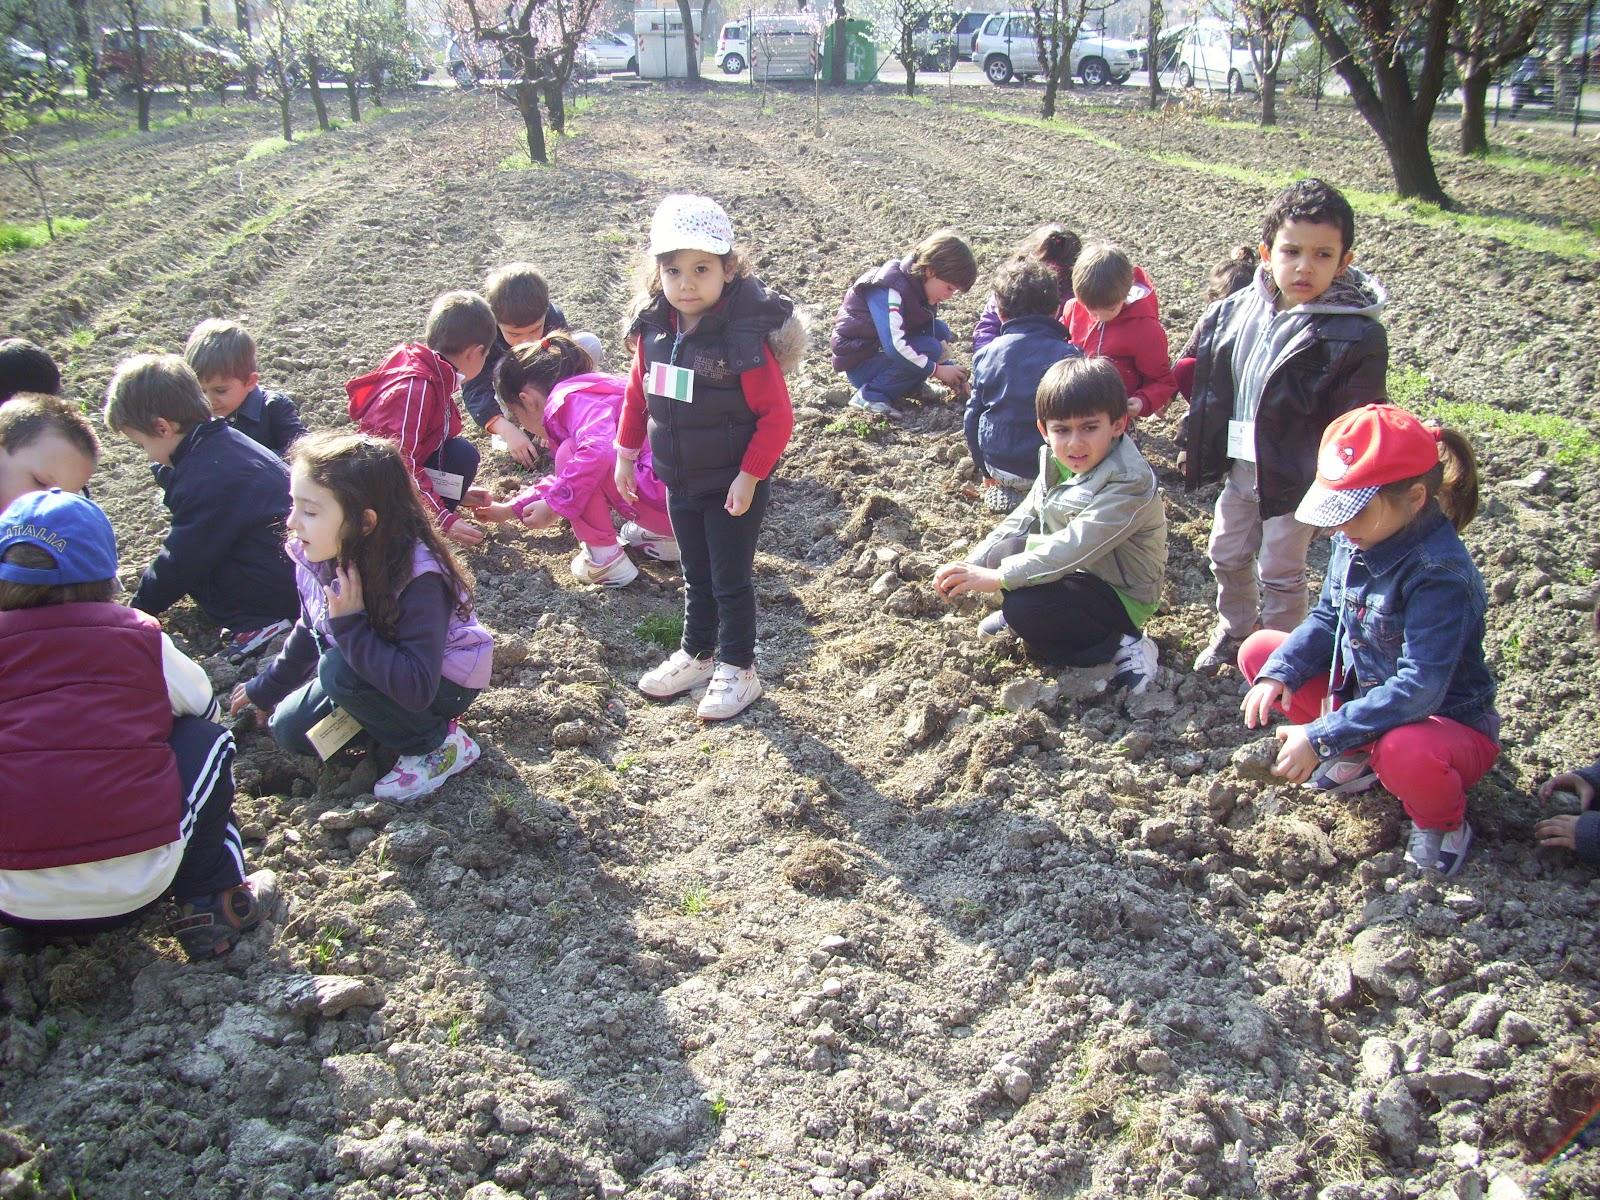 scuola gallini voghera lombardy - photo#5